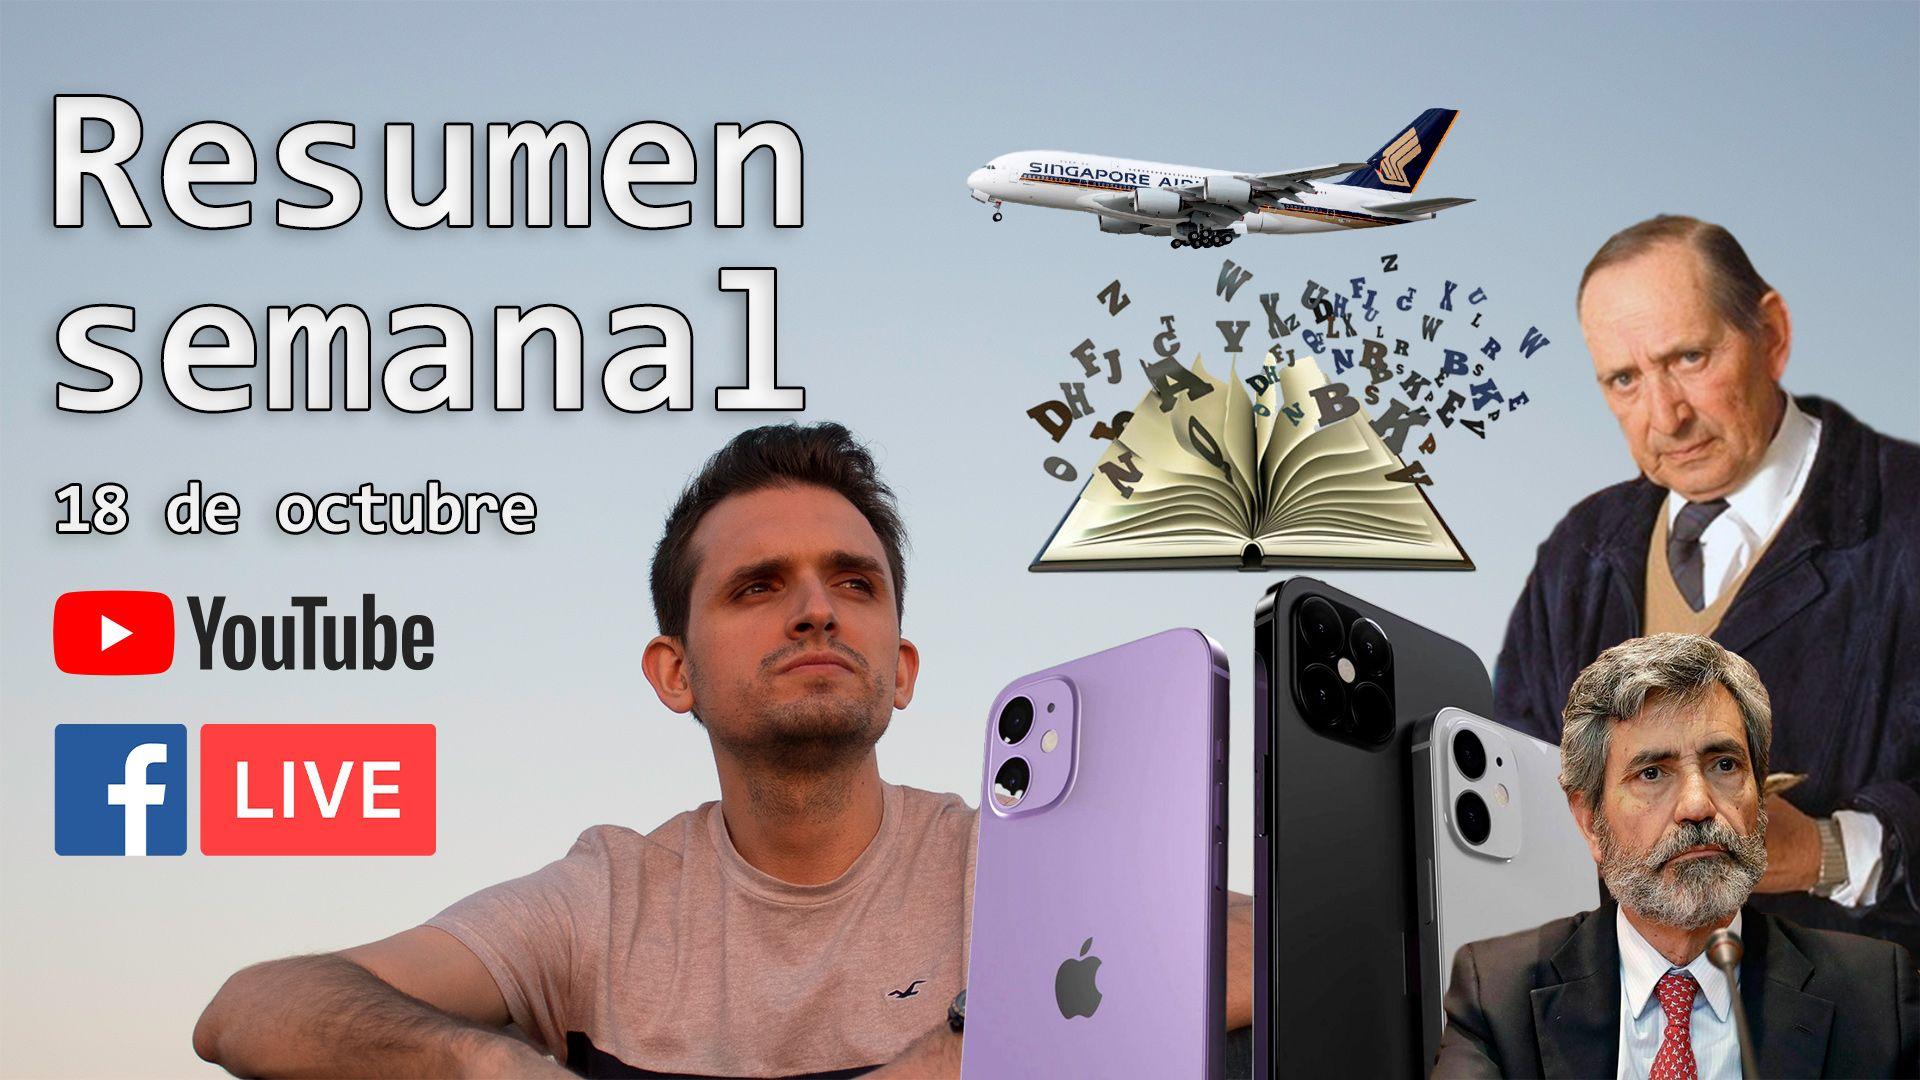 Nuevos iPhone, reforma judicial y Miguel Delibes